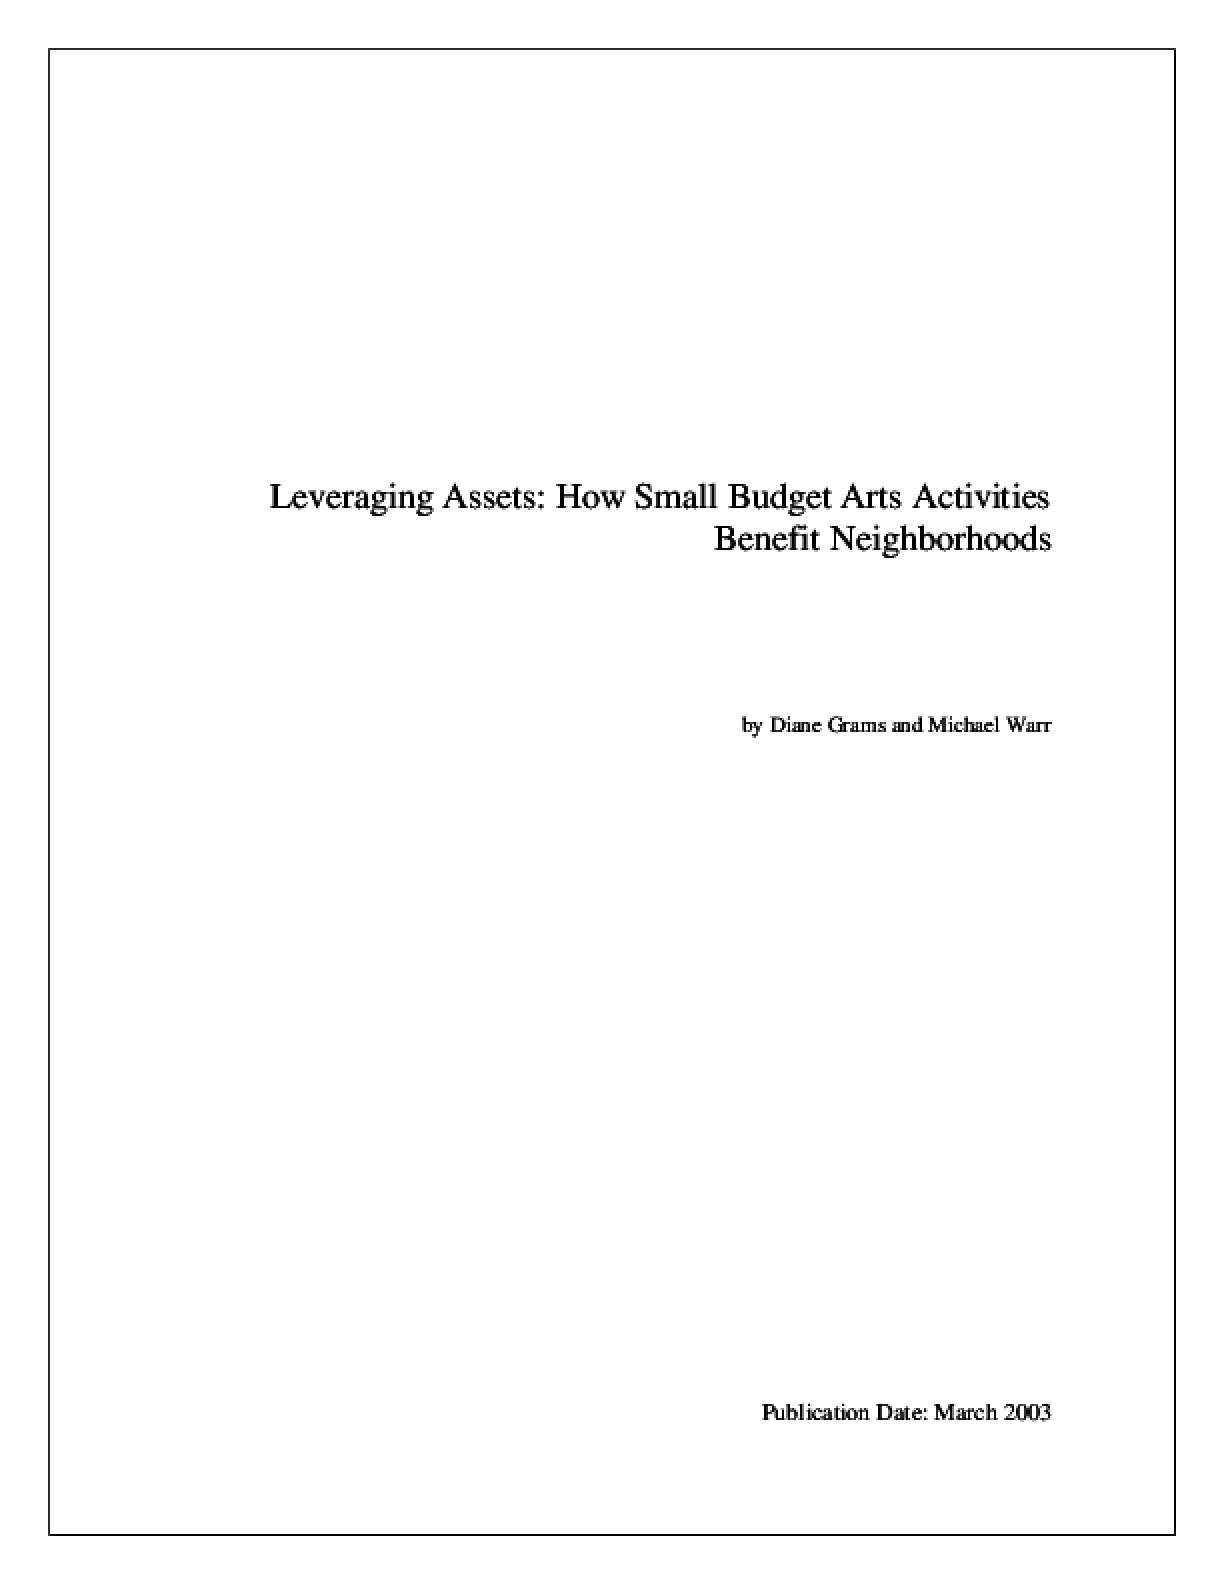 Leveraging Assets: How Small Budget Arts Activities Benefit Neighborhoods